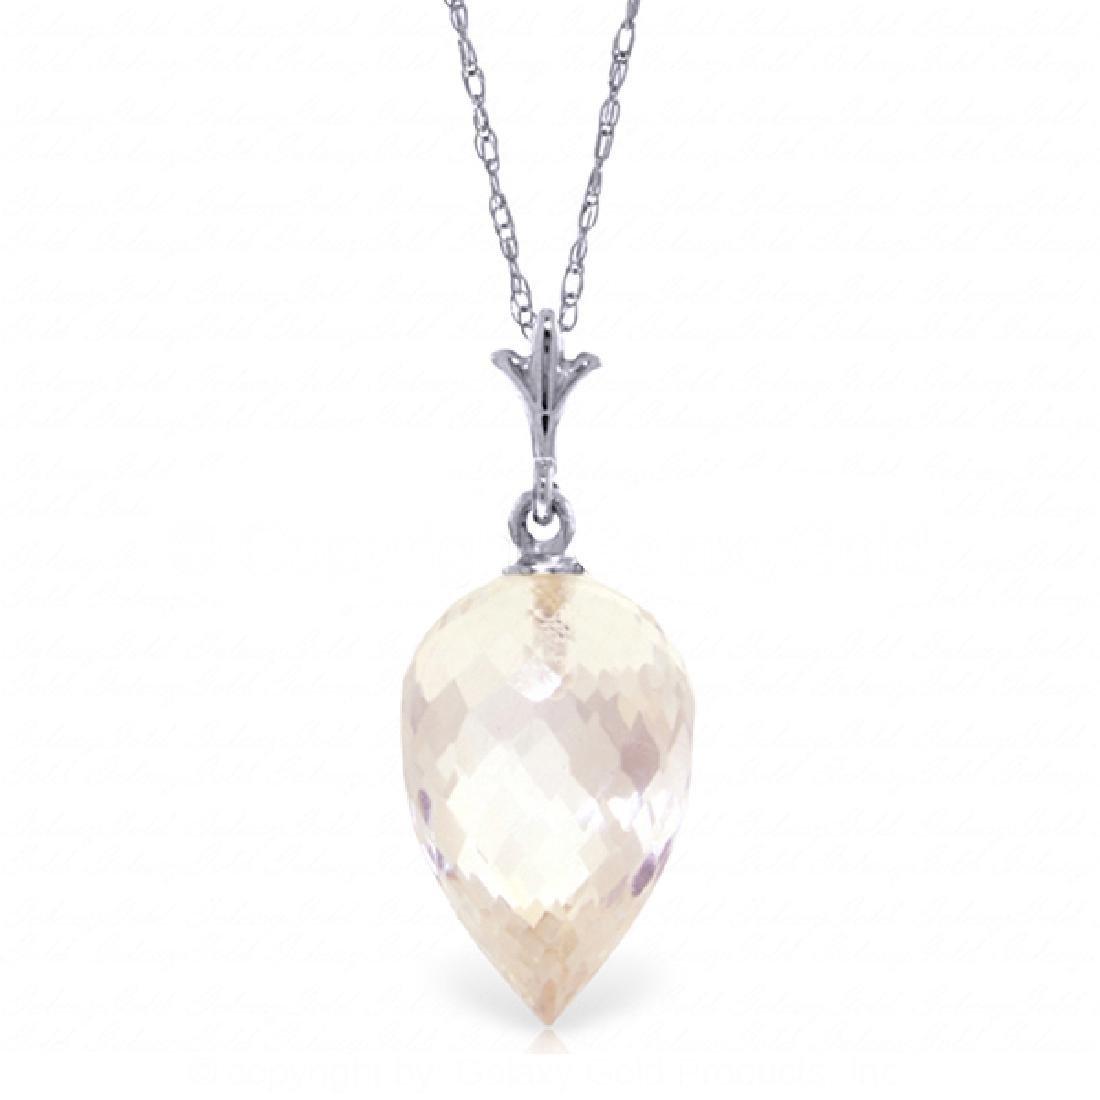 Genuine 12.25 ctw White Topaz Necklace Jewelry 14KT